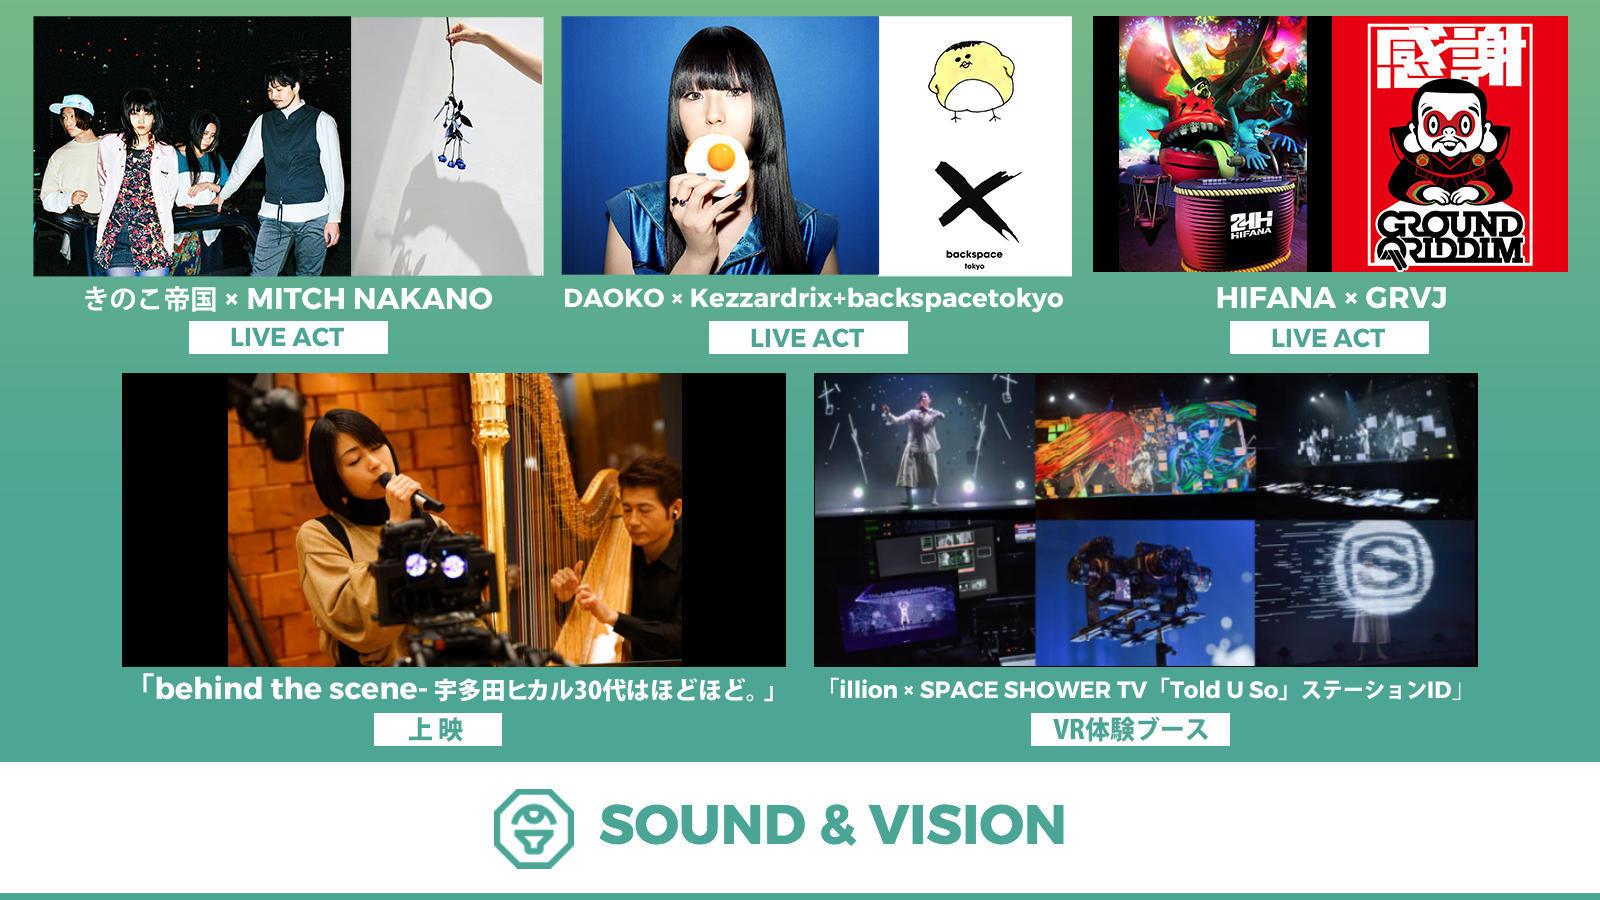 きのこ帝国 × MITCH NAKANO / DAOKO × Kezzardrix+backspacetokyo / HIFANA × GRVJ